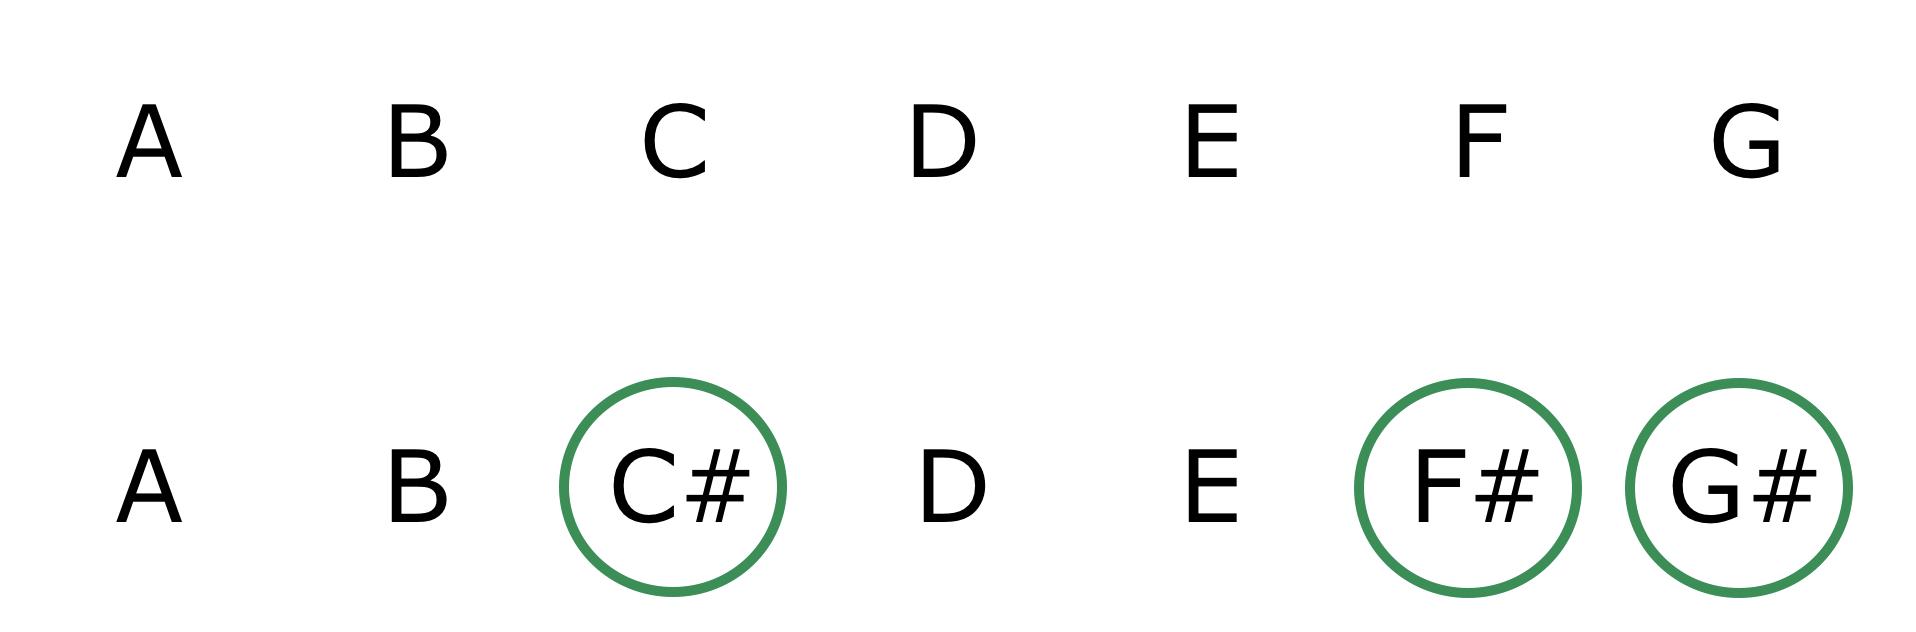 Parallel Key Modulation Note Comparison